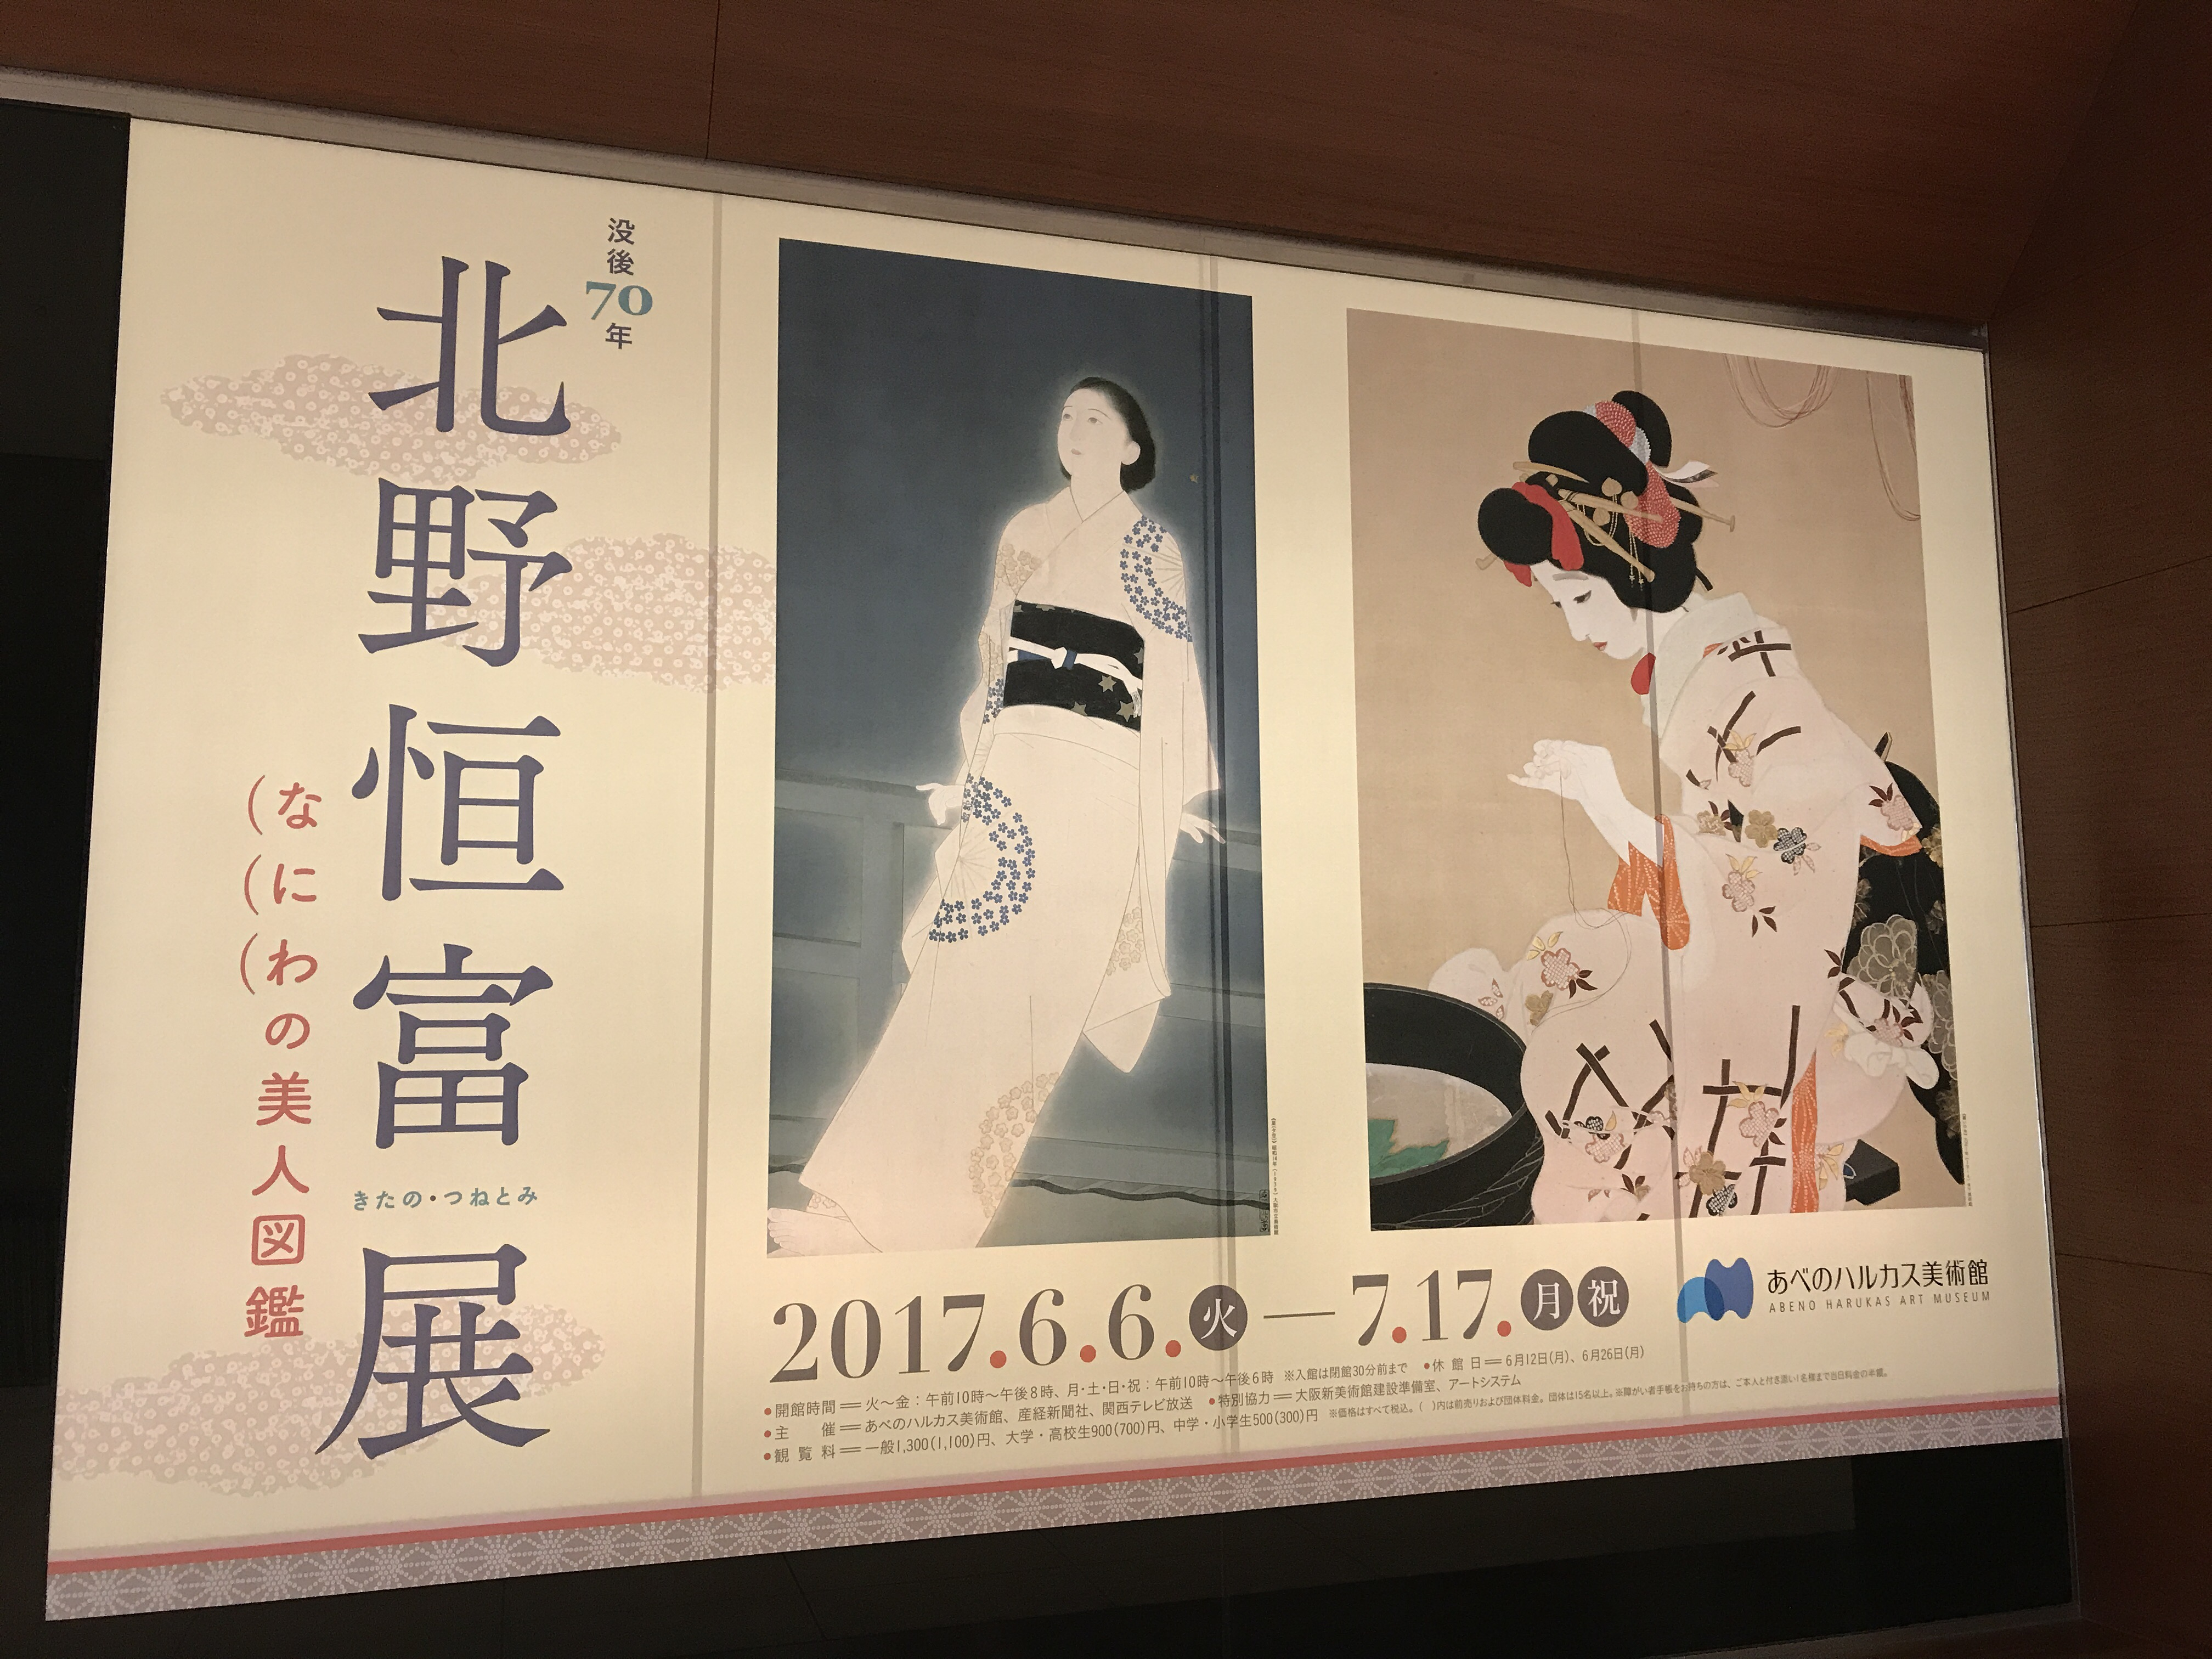 """北野恒富の作品は全てが艶っぽい!大阪にもこんな素敵な画家が活躍していた。2017年6月6日〜7月17日 あべのハルカス美術館で開催""""北野恒富 展""""へ"""